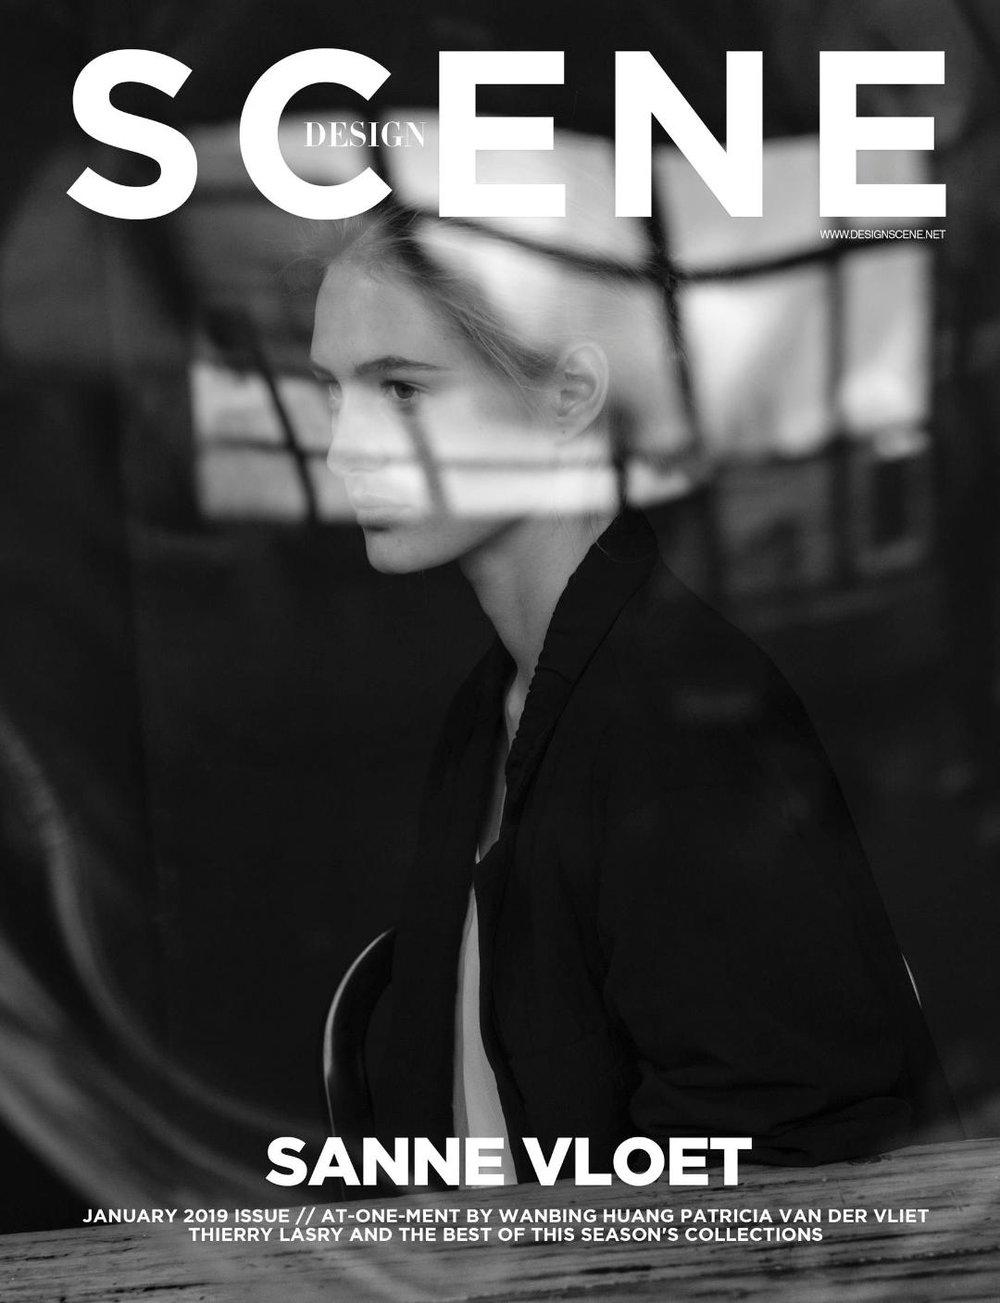 Sanne Vloet by JUANKR for Design Scene (13).jpg